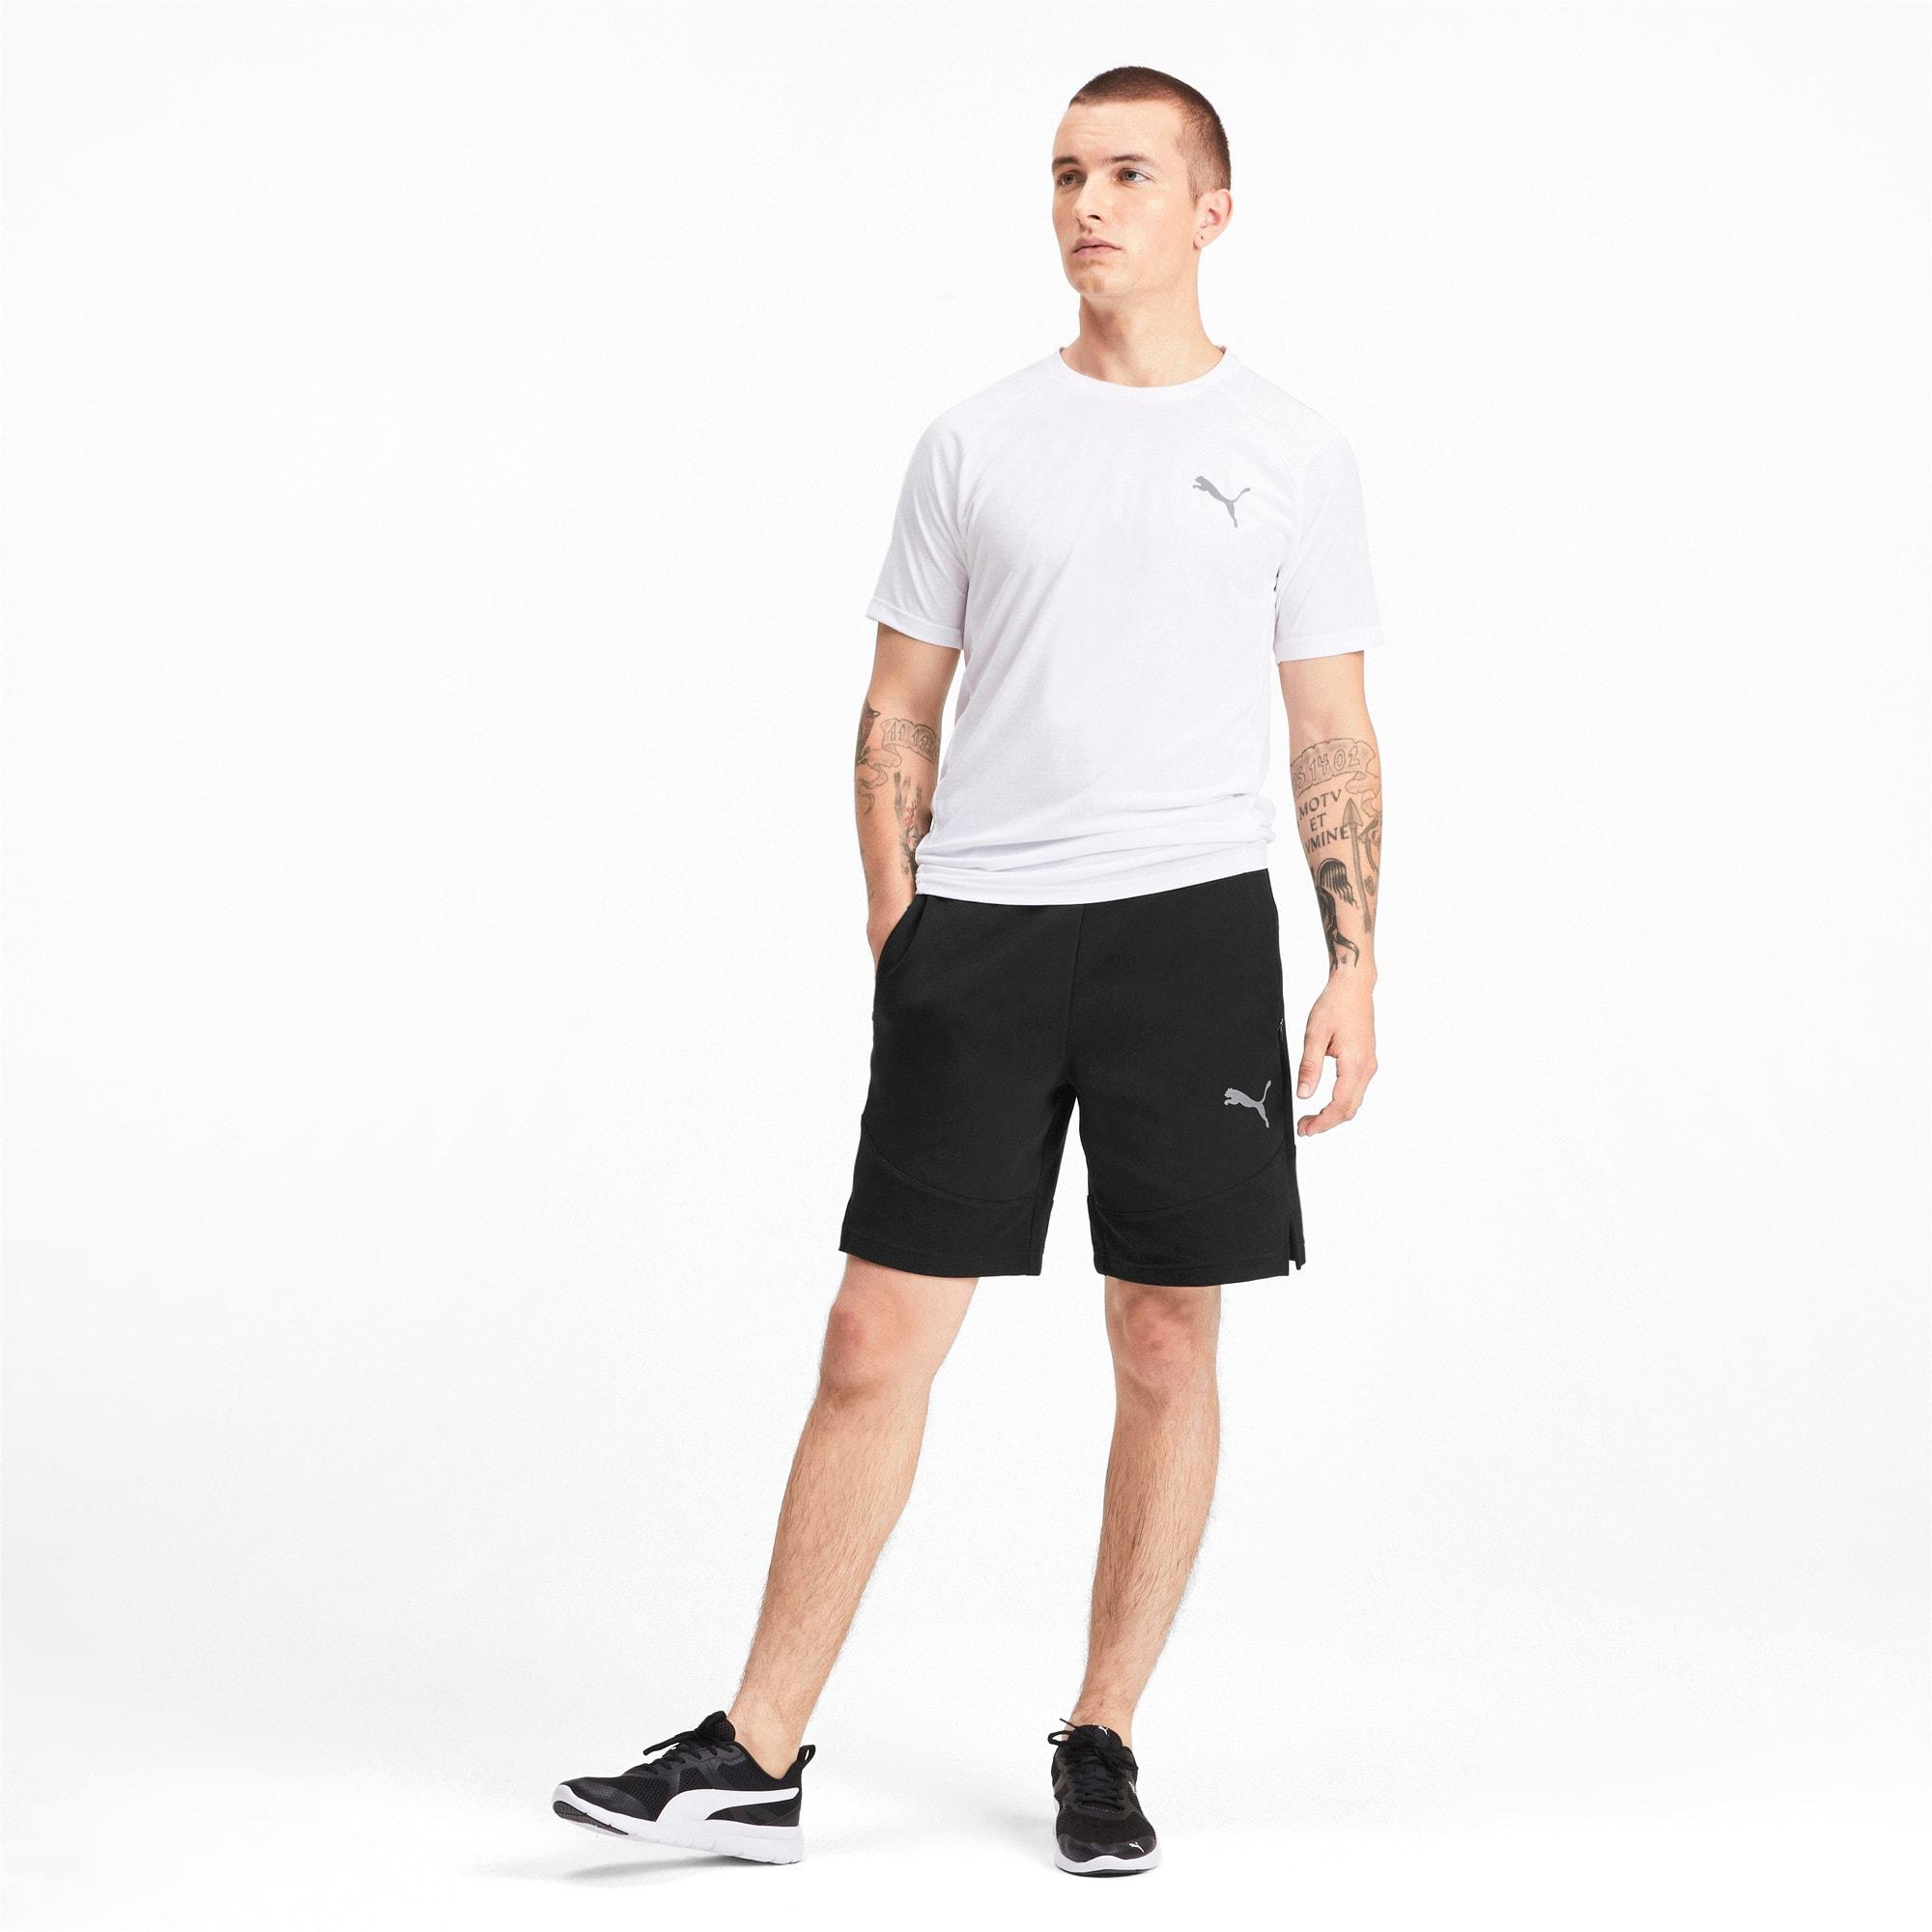 Thumbnail 3 of Evostripe Men's Shorts, Puma Black, medium